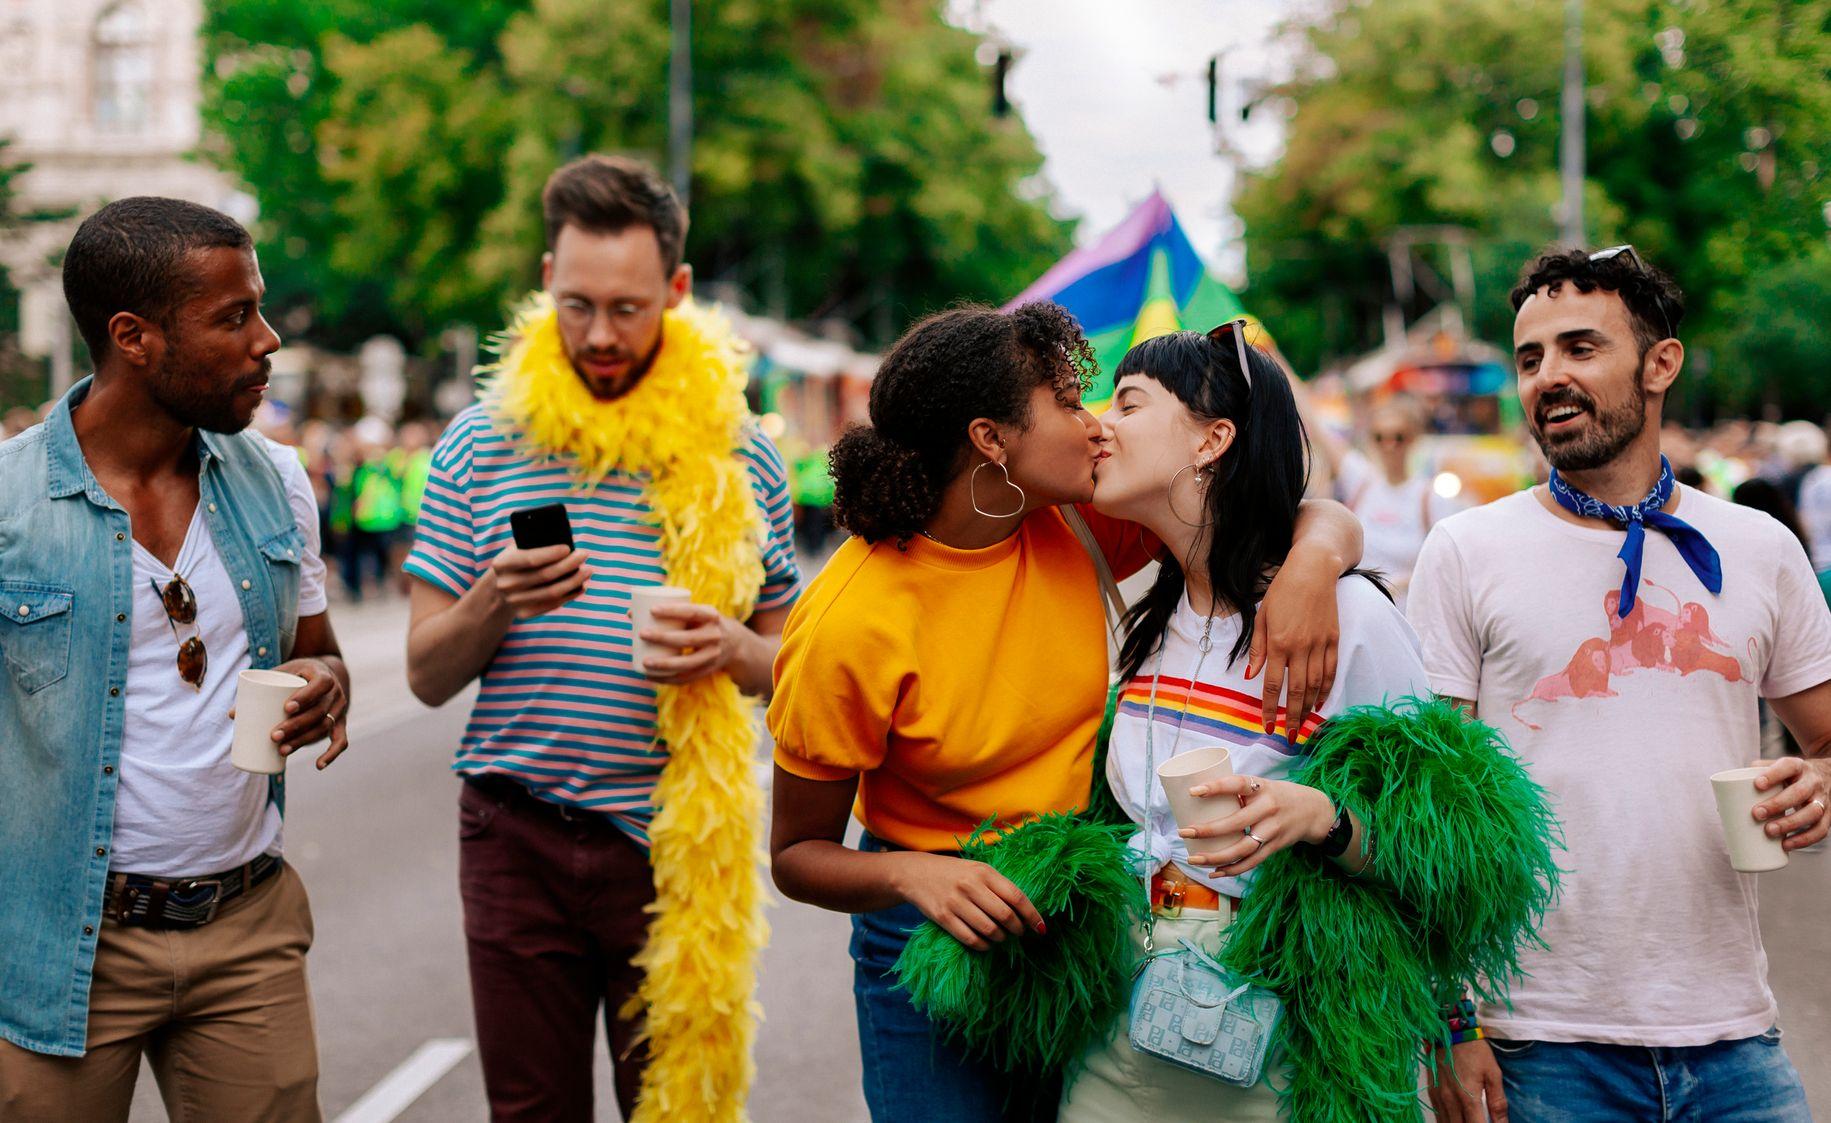 2019'da Görmeniz Gereken 4 Muhteşem LGBT Etkinliği